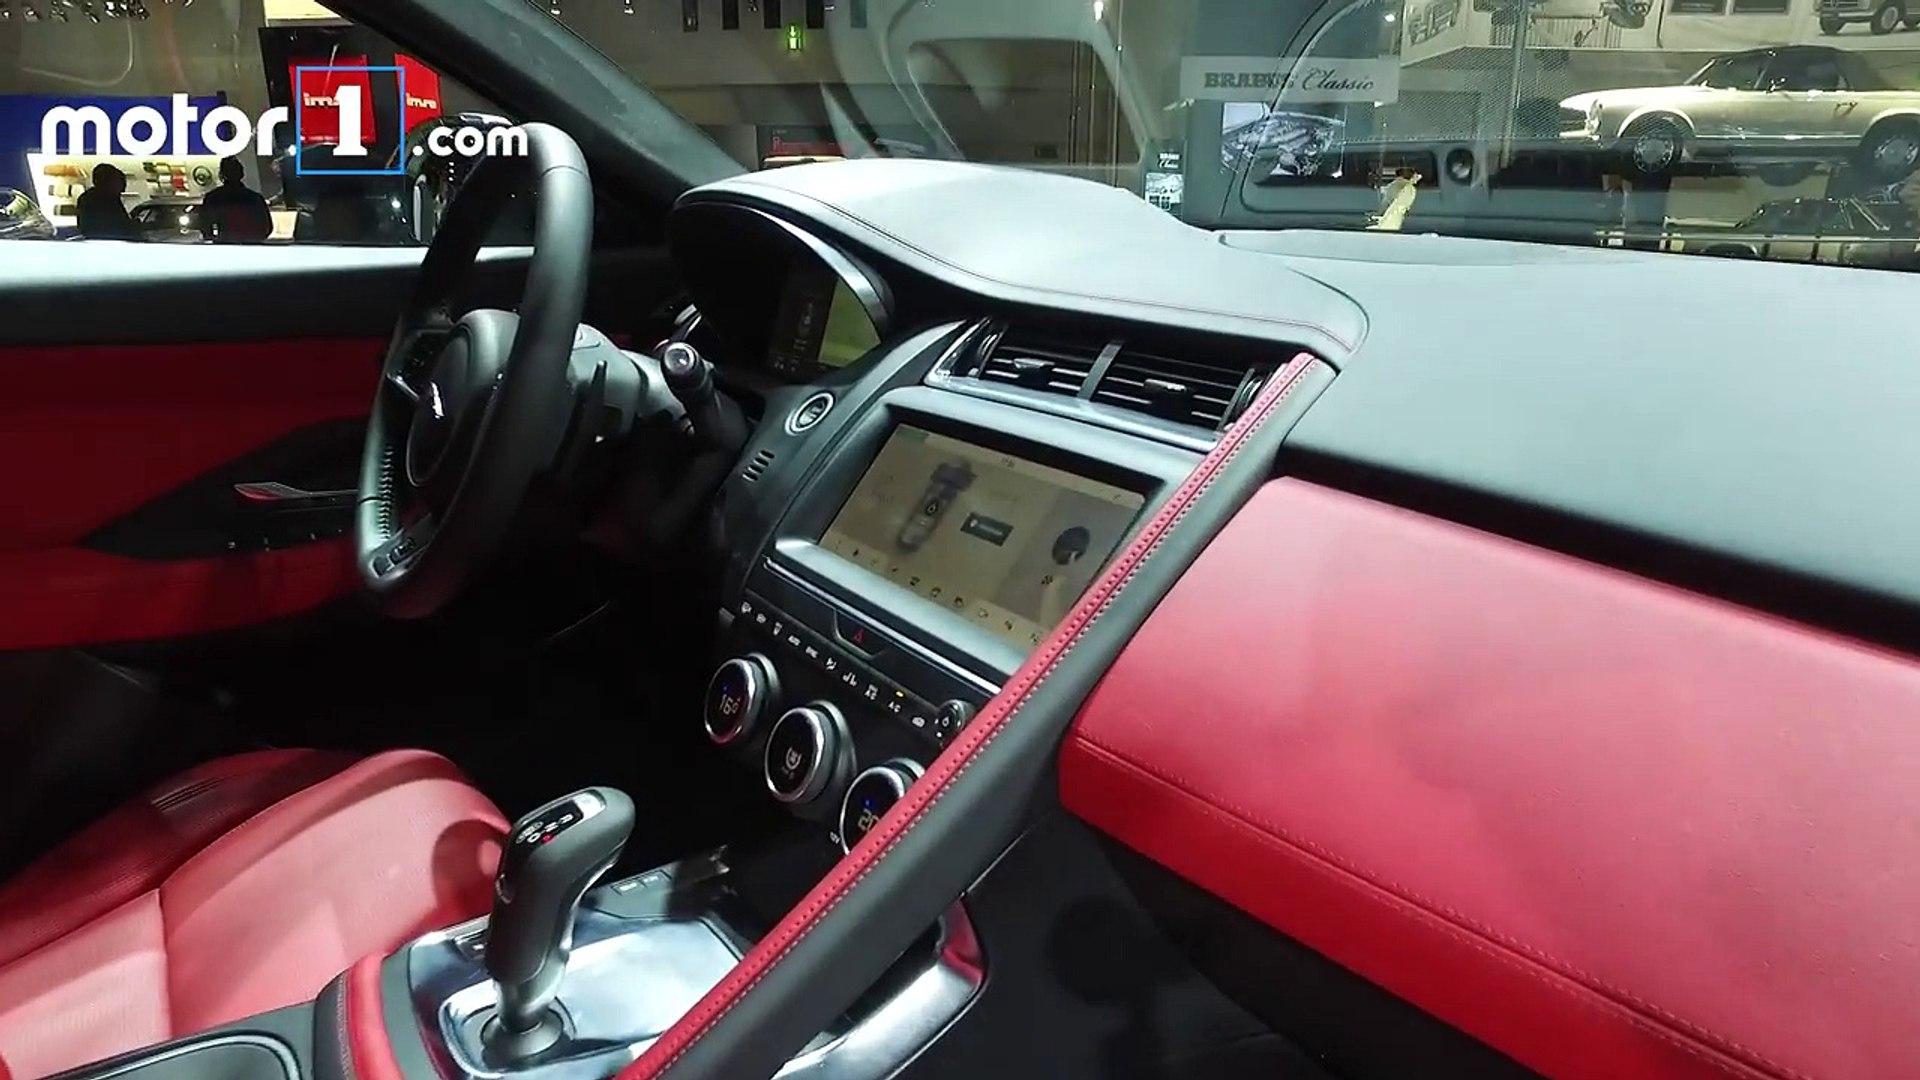 Novo Jaguar E-Pace - impressões rápidas | Motor1.com Brasil